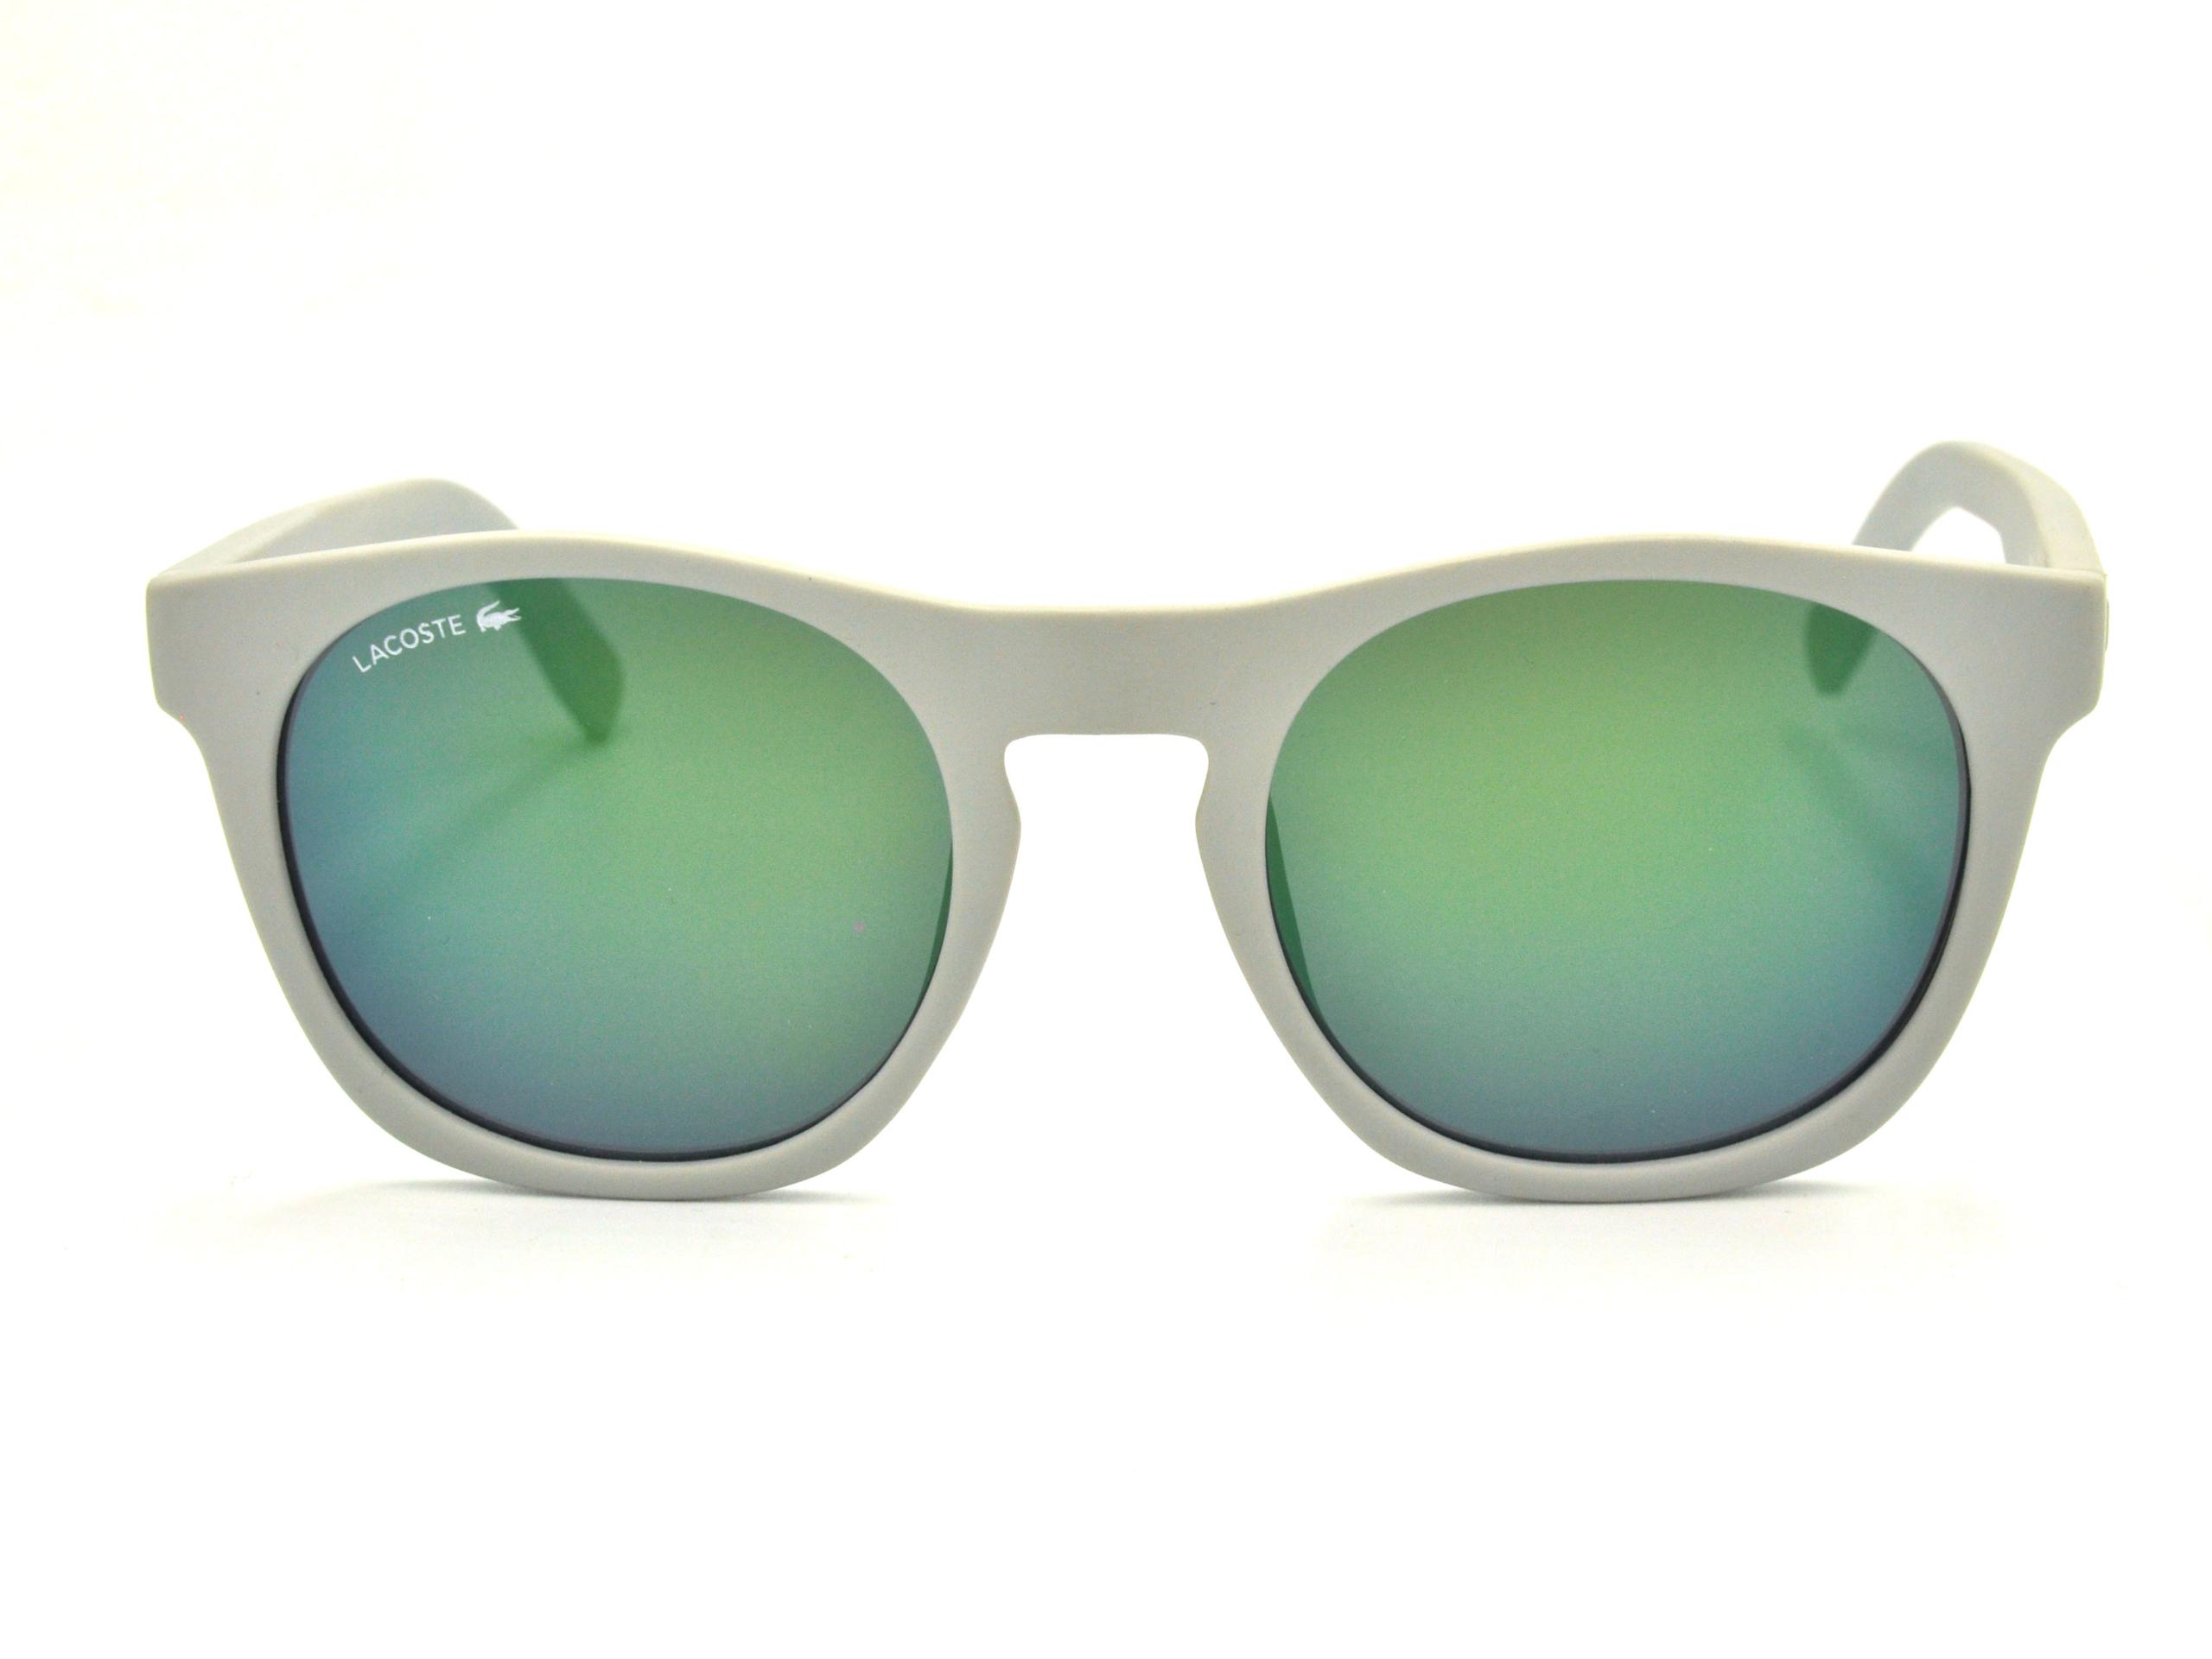 Γυαλιά ηλίου LACOSTE L868S 035 51-21-140 Πειραιάς